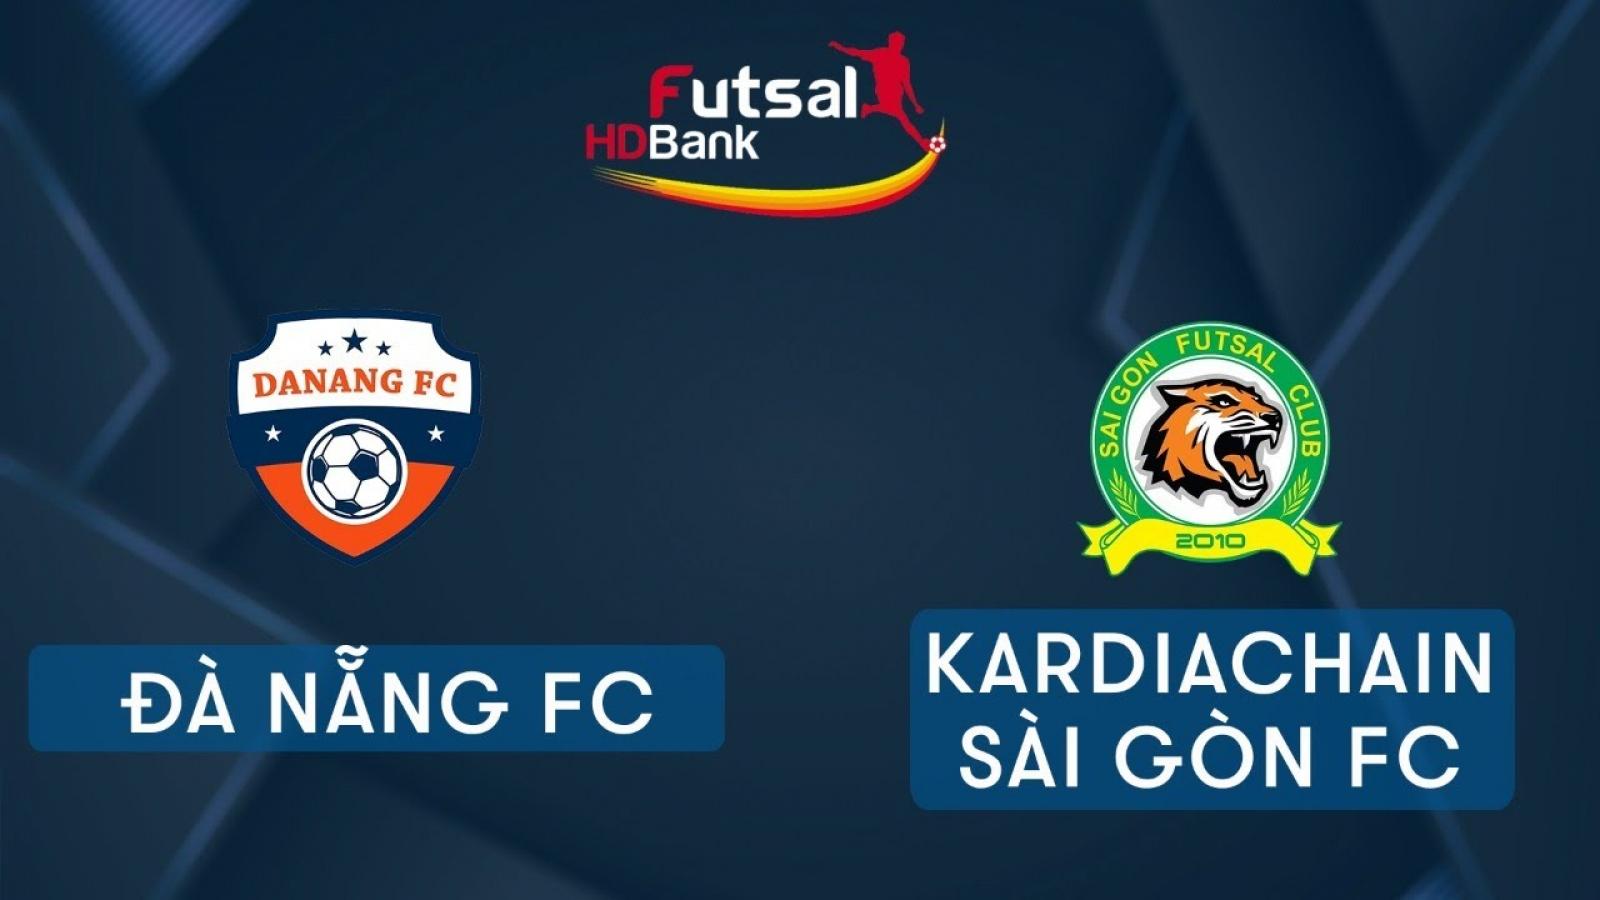 Xem trực tiếp Futsal HDBank VĐQG 2020: Đà Nẵng - Kardiachain Sài Gòn